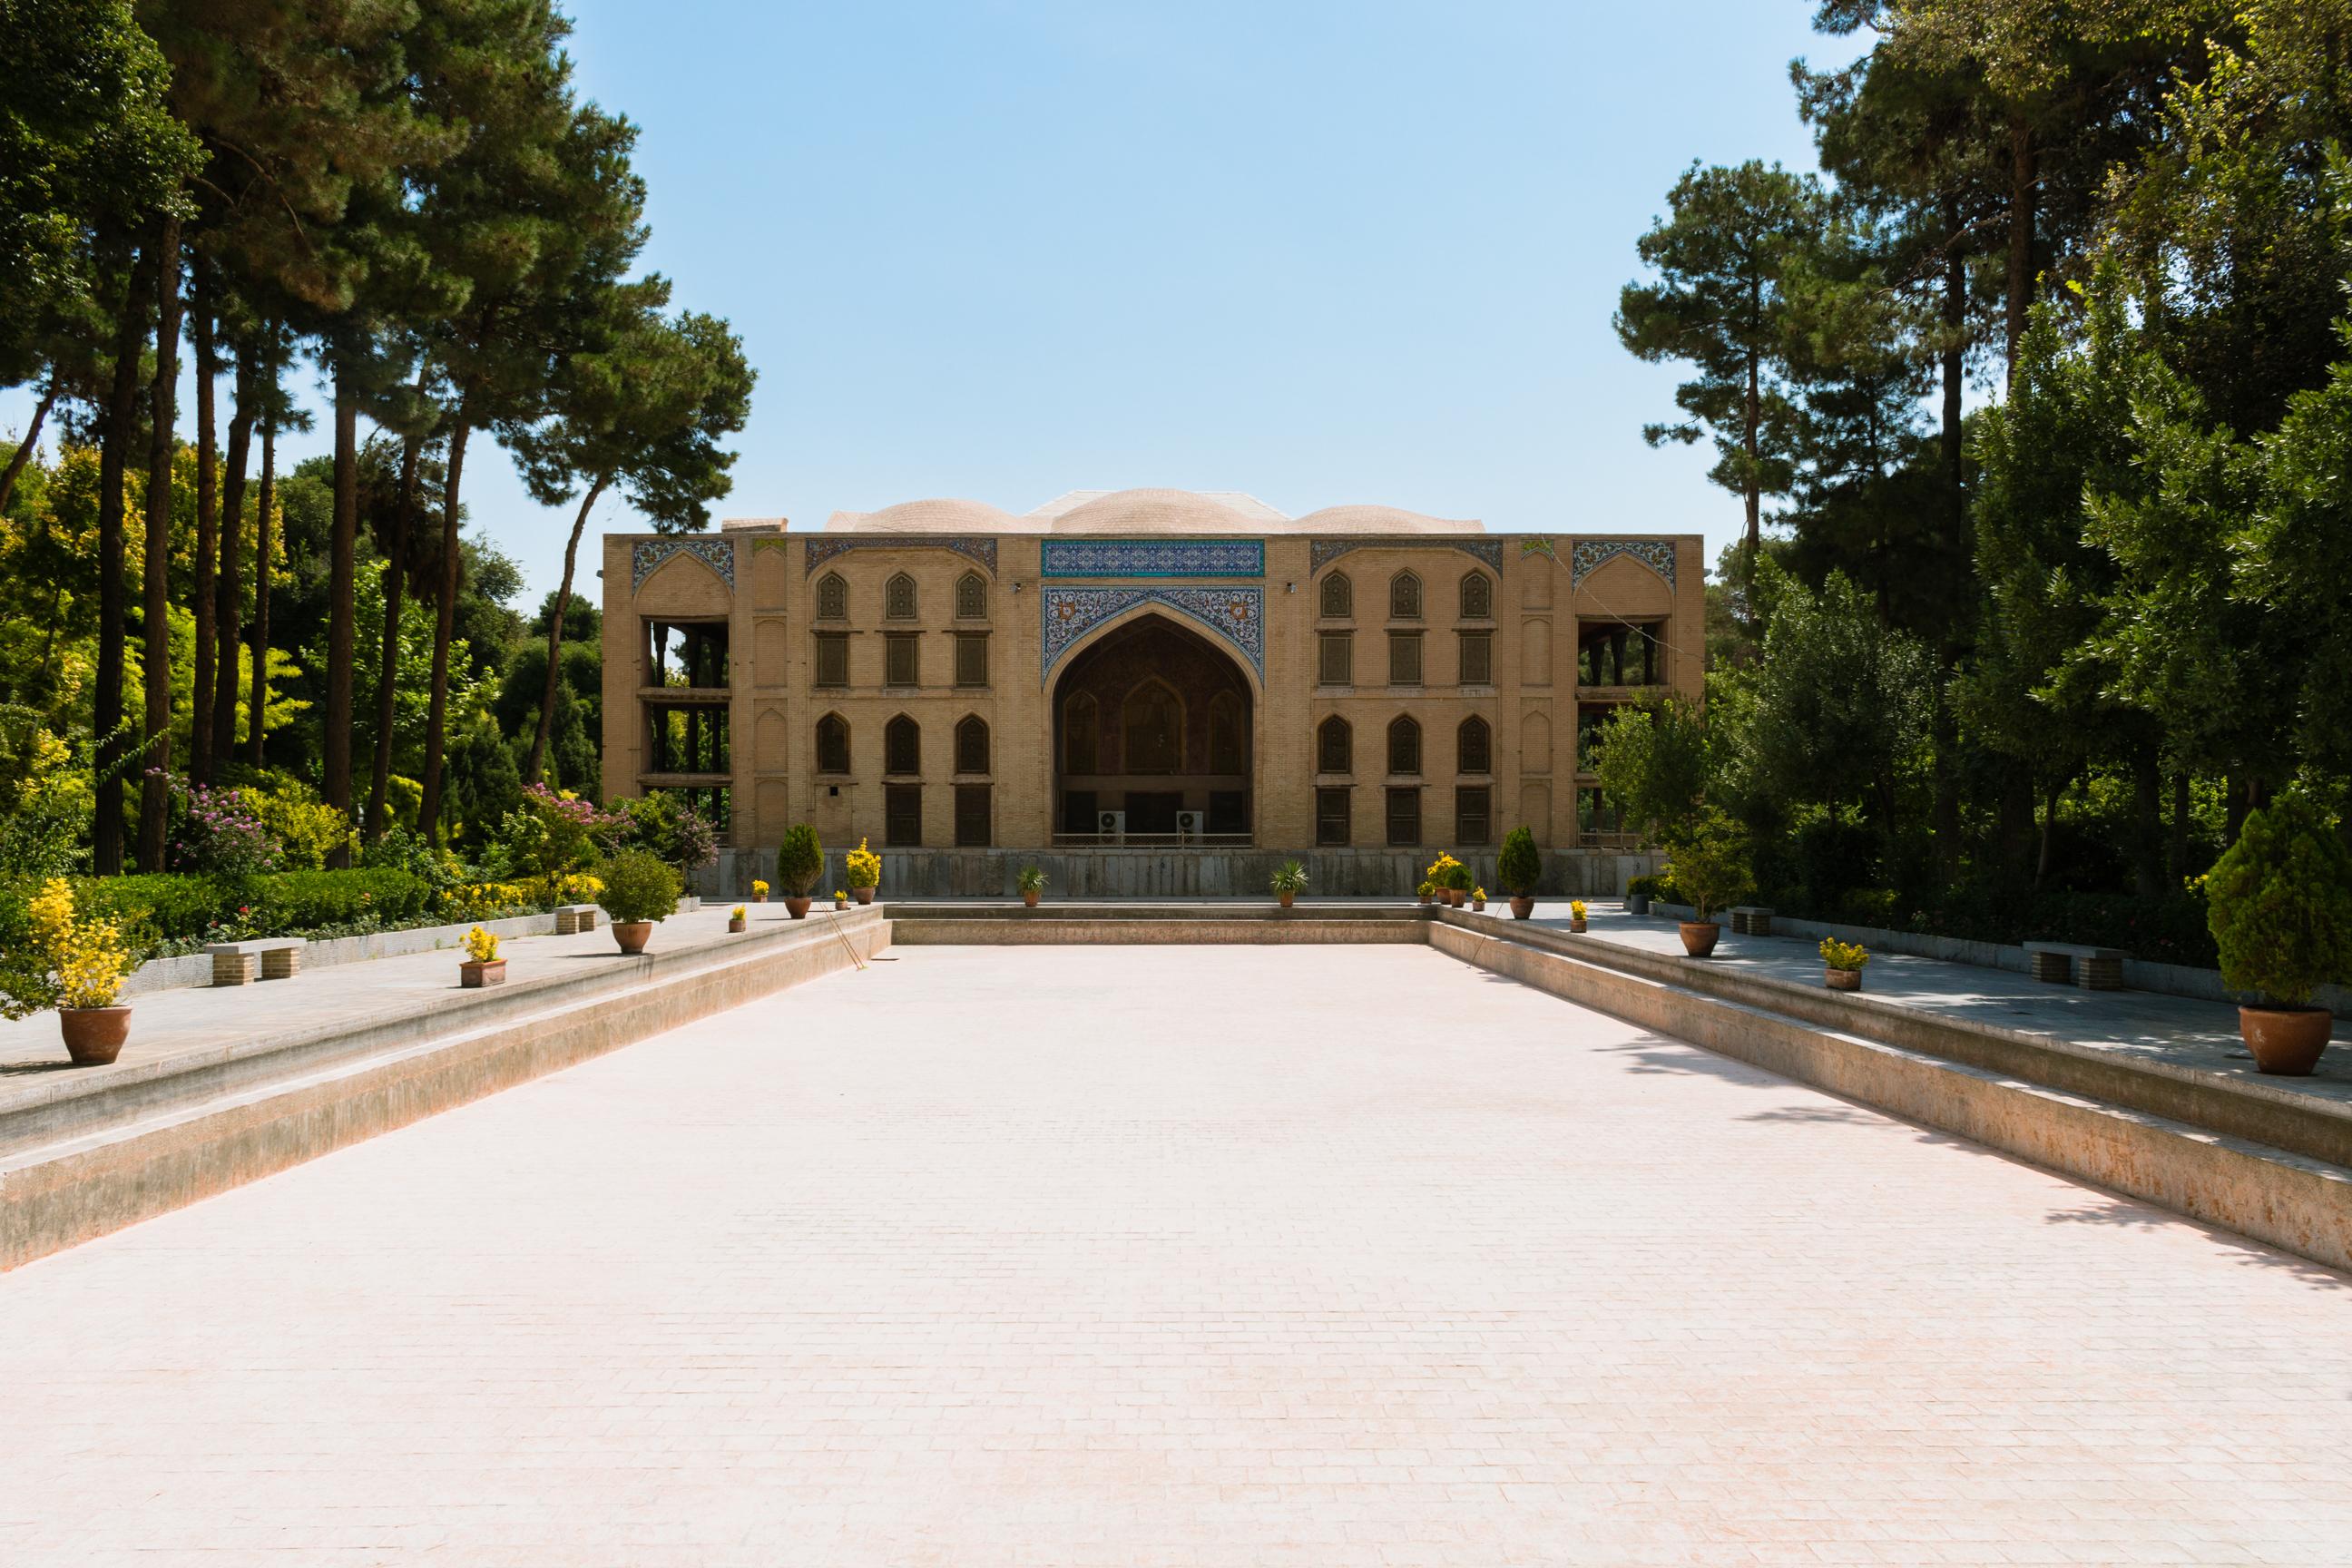 Tyły pałacu Chehel Sotoun z pięknymi ogrodami wokół i muzeum w środku. Chyba zabrakło wody żeby wypełnić ten basen. ;)